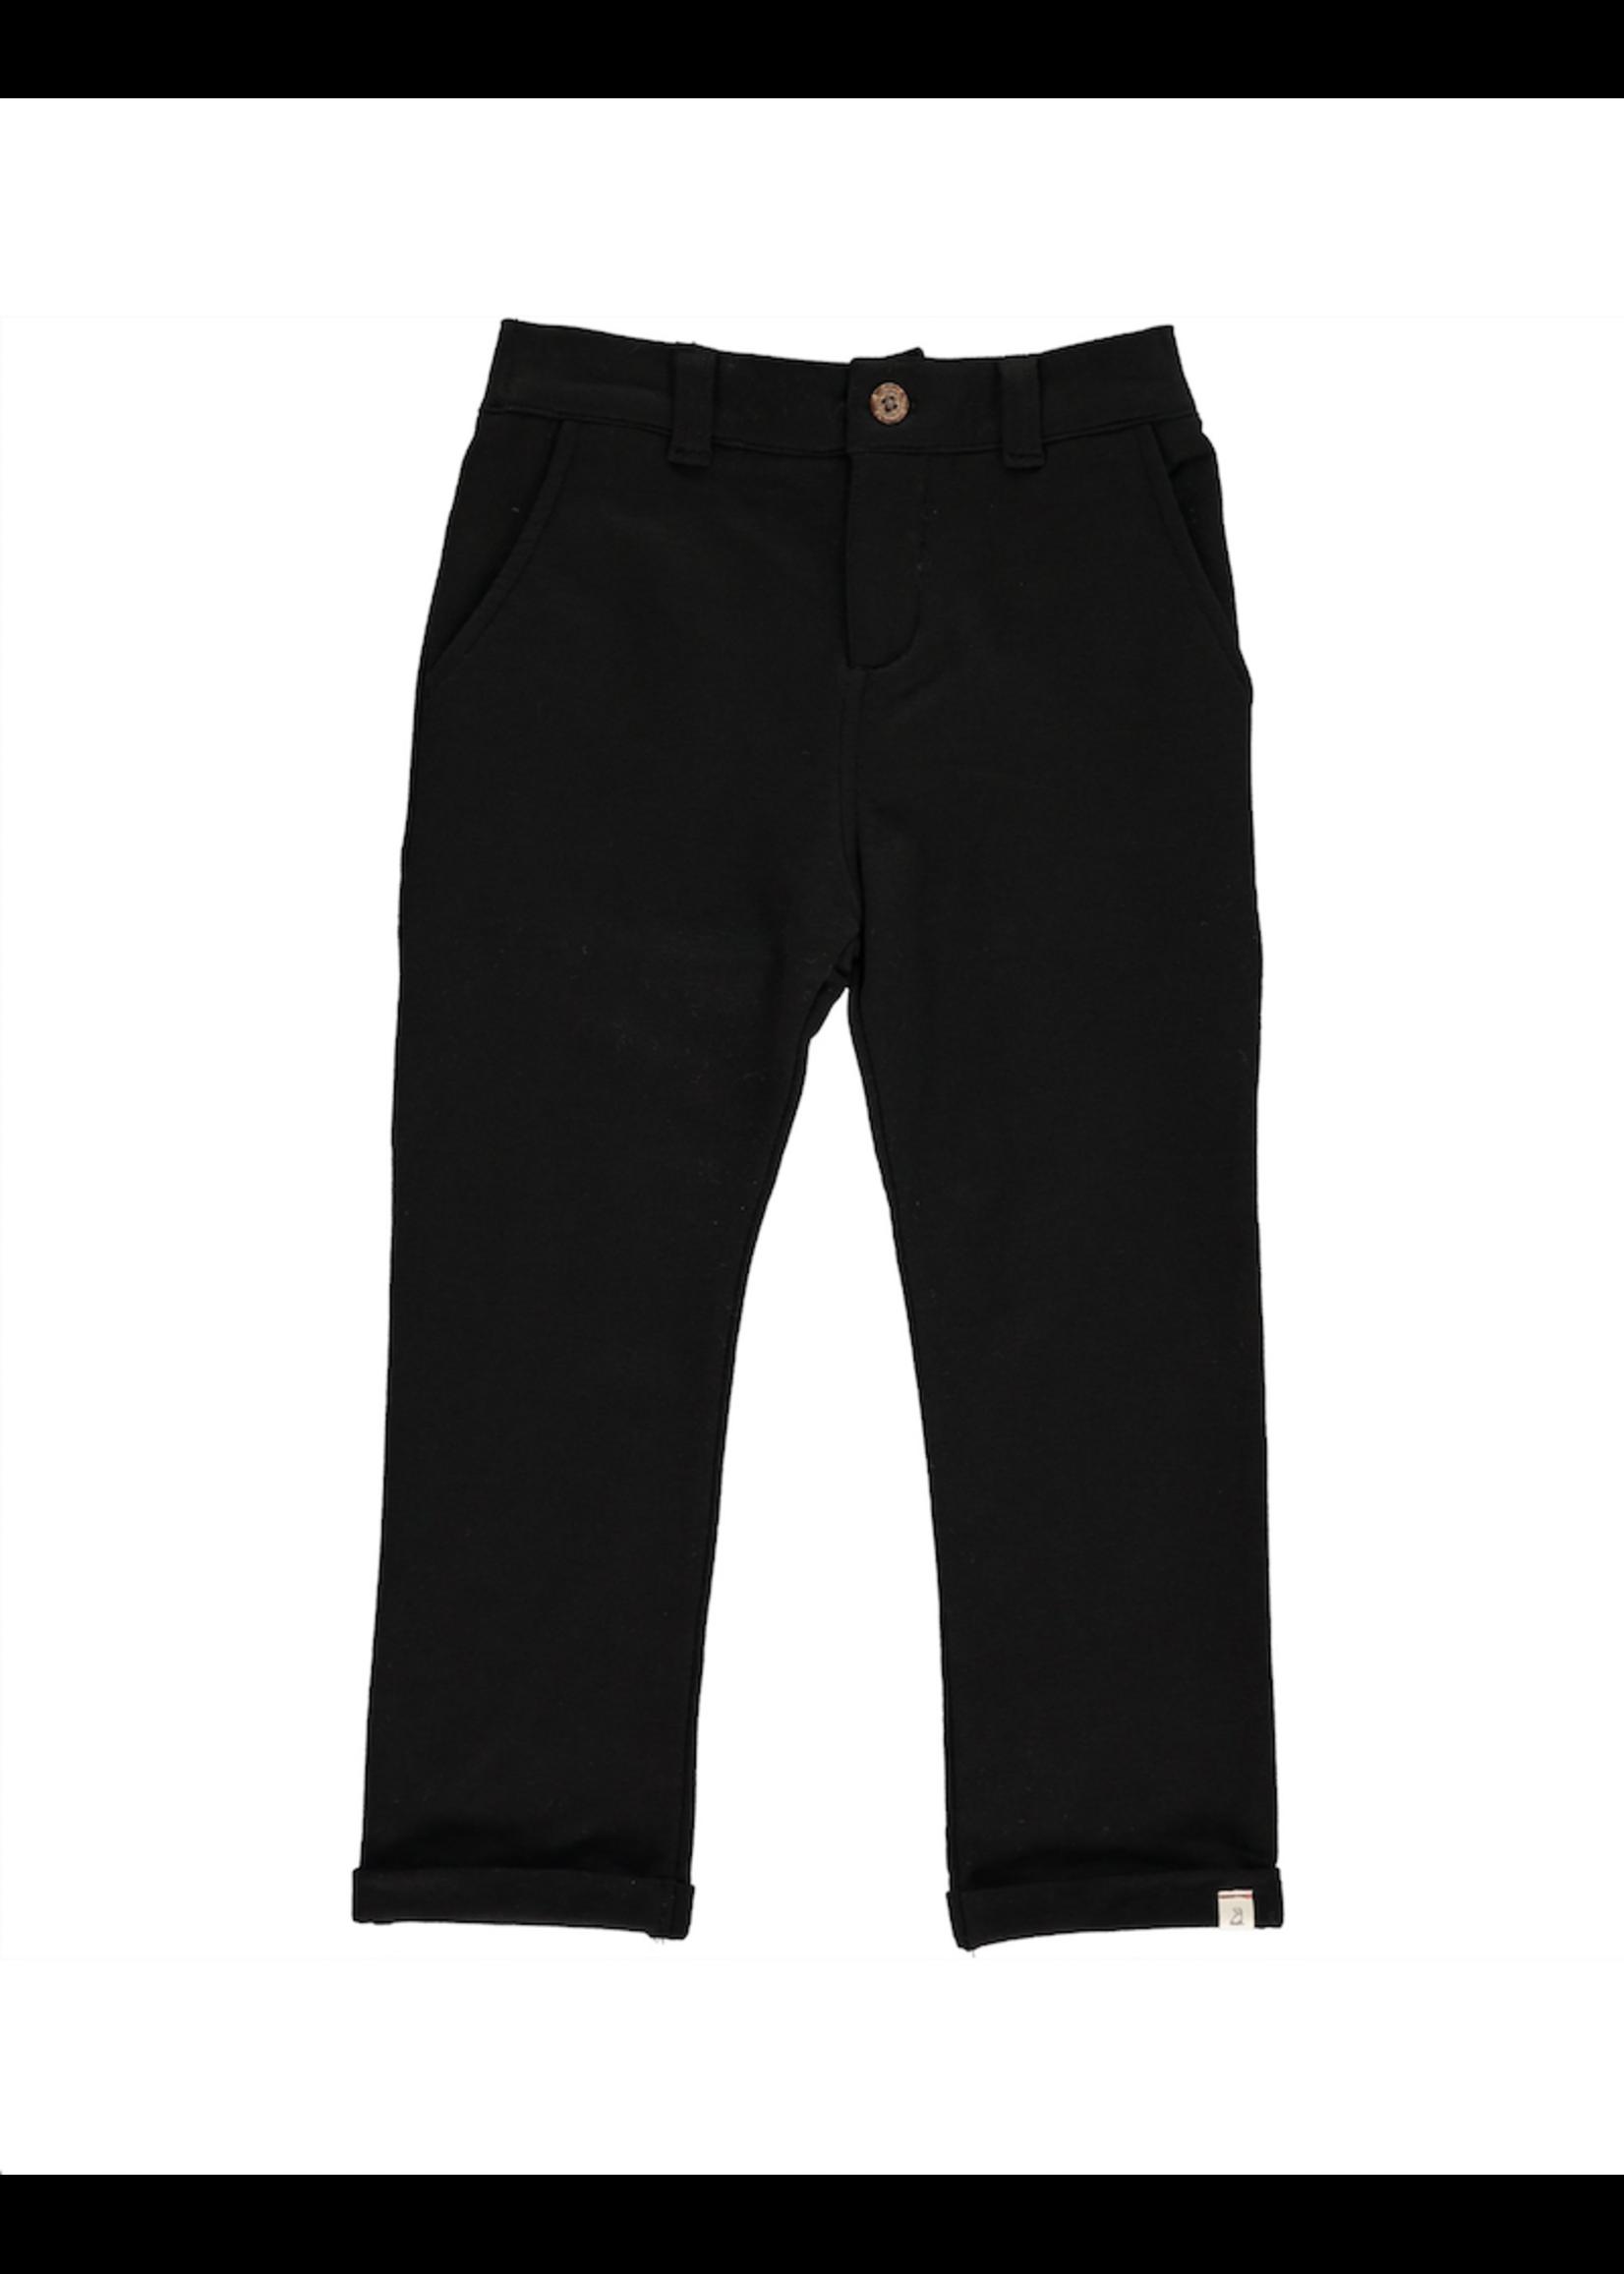 Me & Henry Me & Henry, Black Jersey Pants